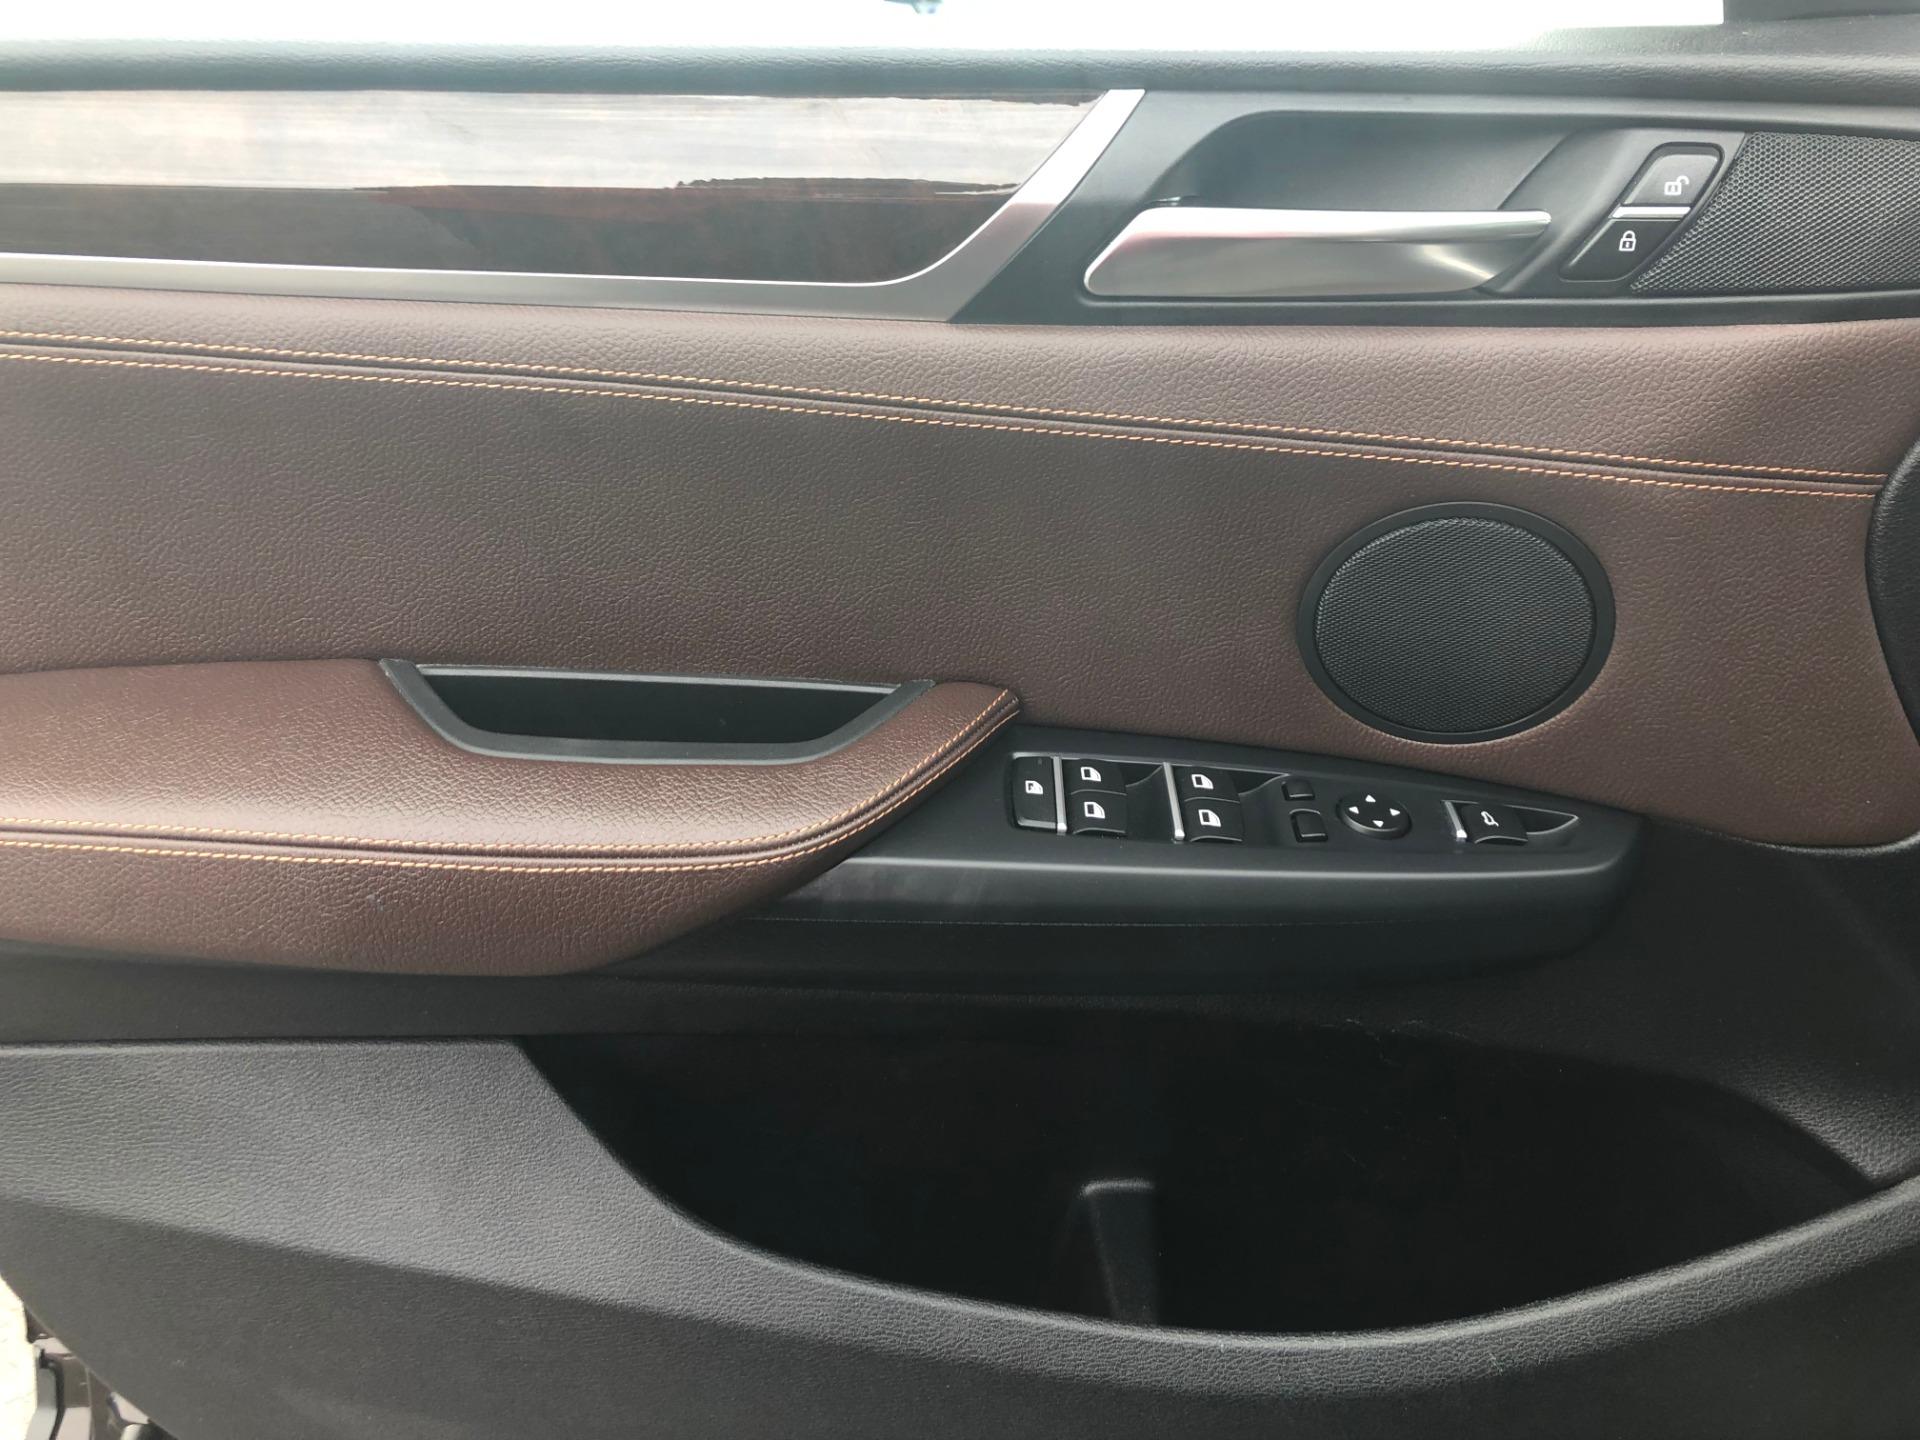 Used-2015-BMW-X3-XDRIVE28I-XDRIVE28I